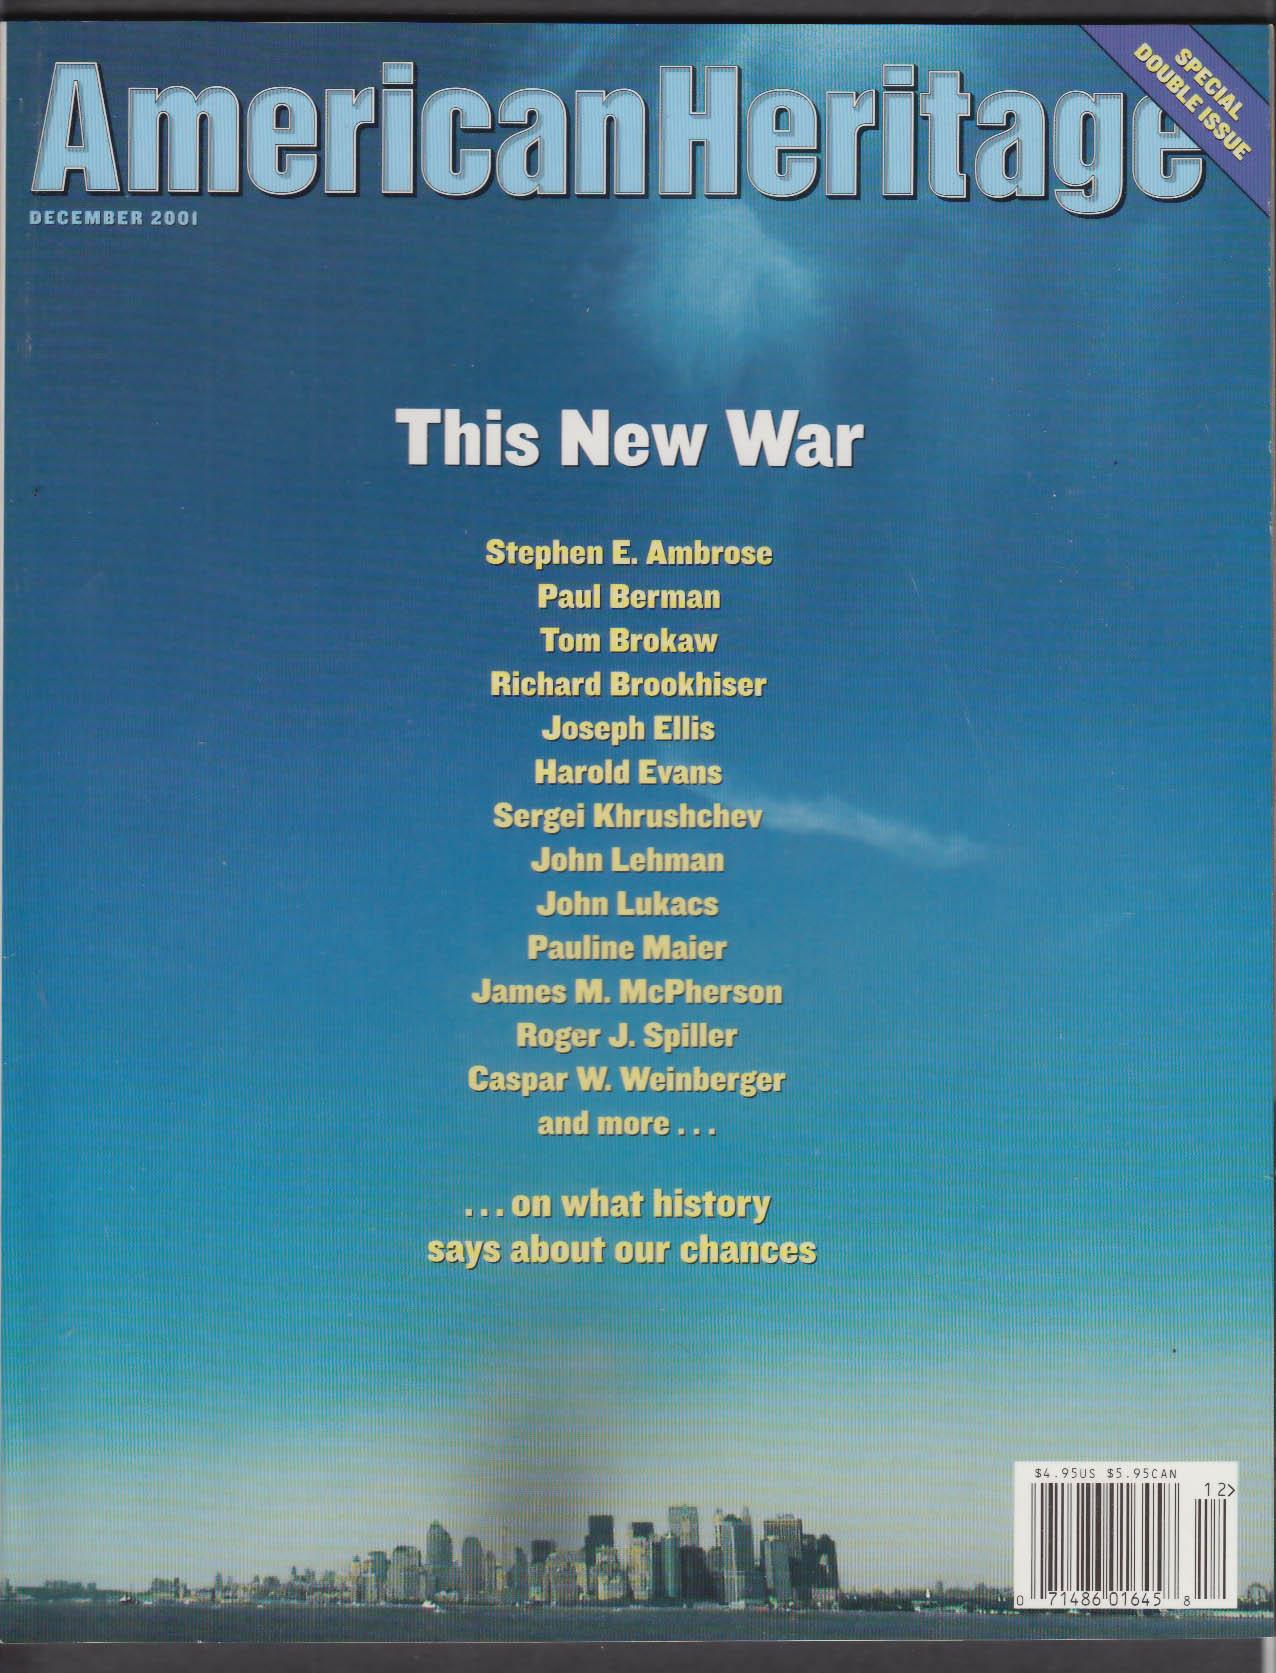 AMERICAN HERITAGE Stephen Ambrose Tom Brokaw Khrushchev 9/11 Terrorism + 12 2001